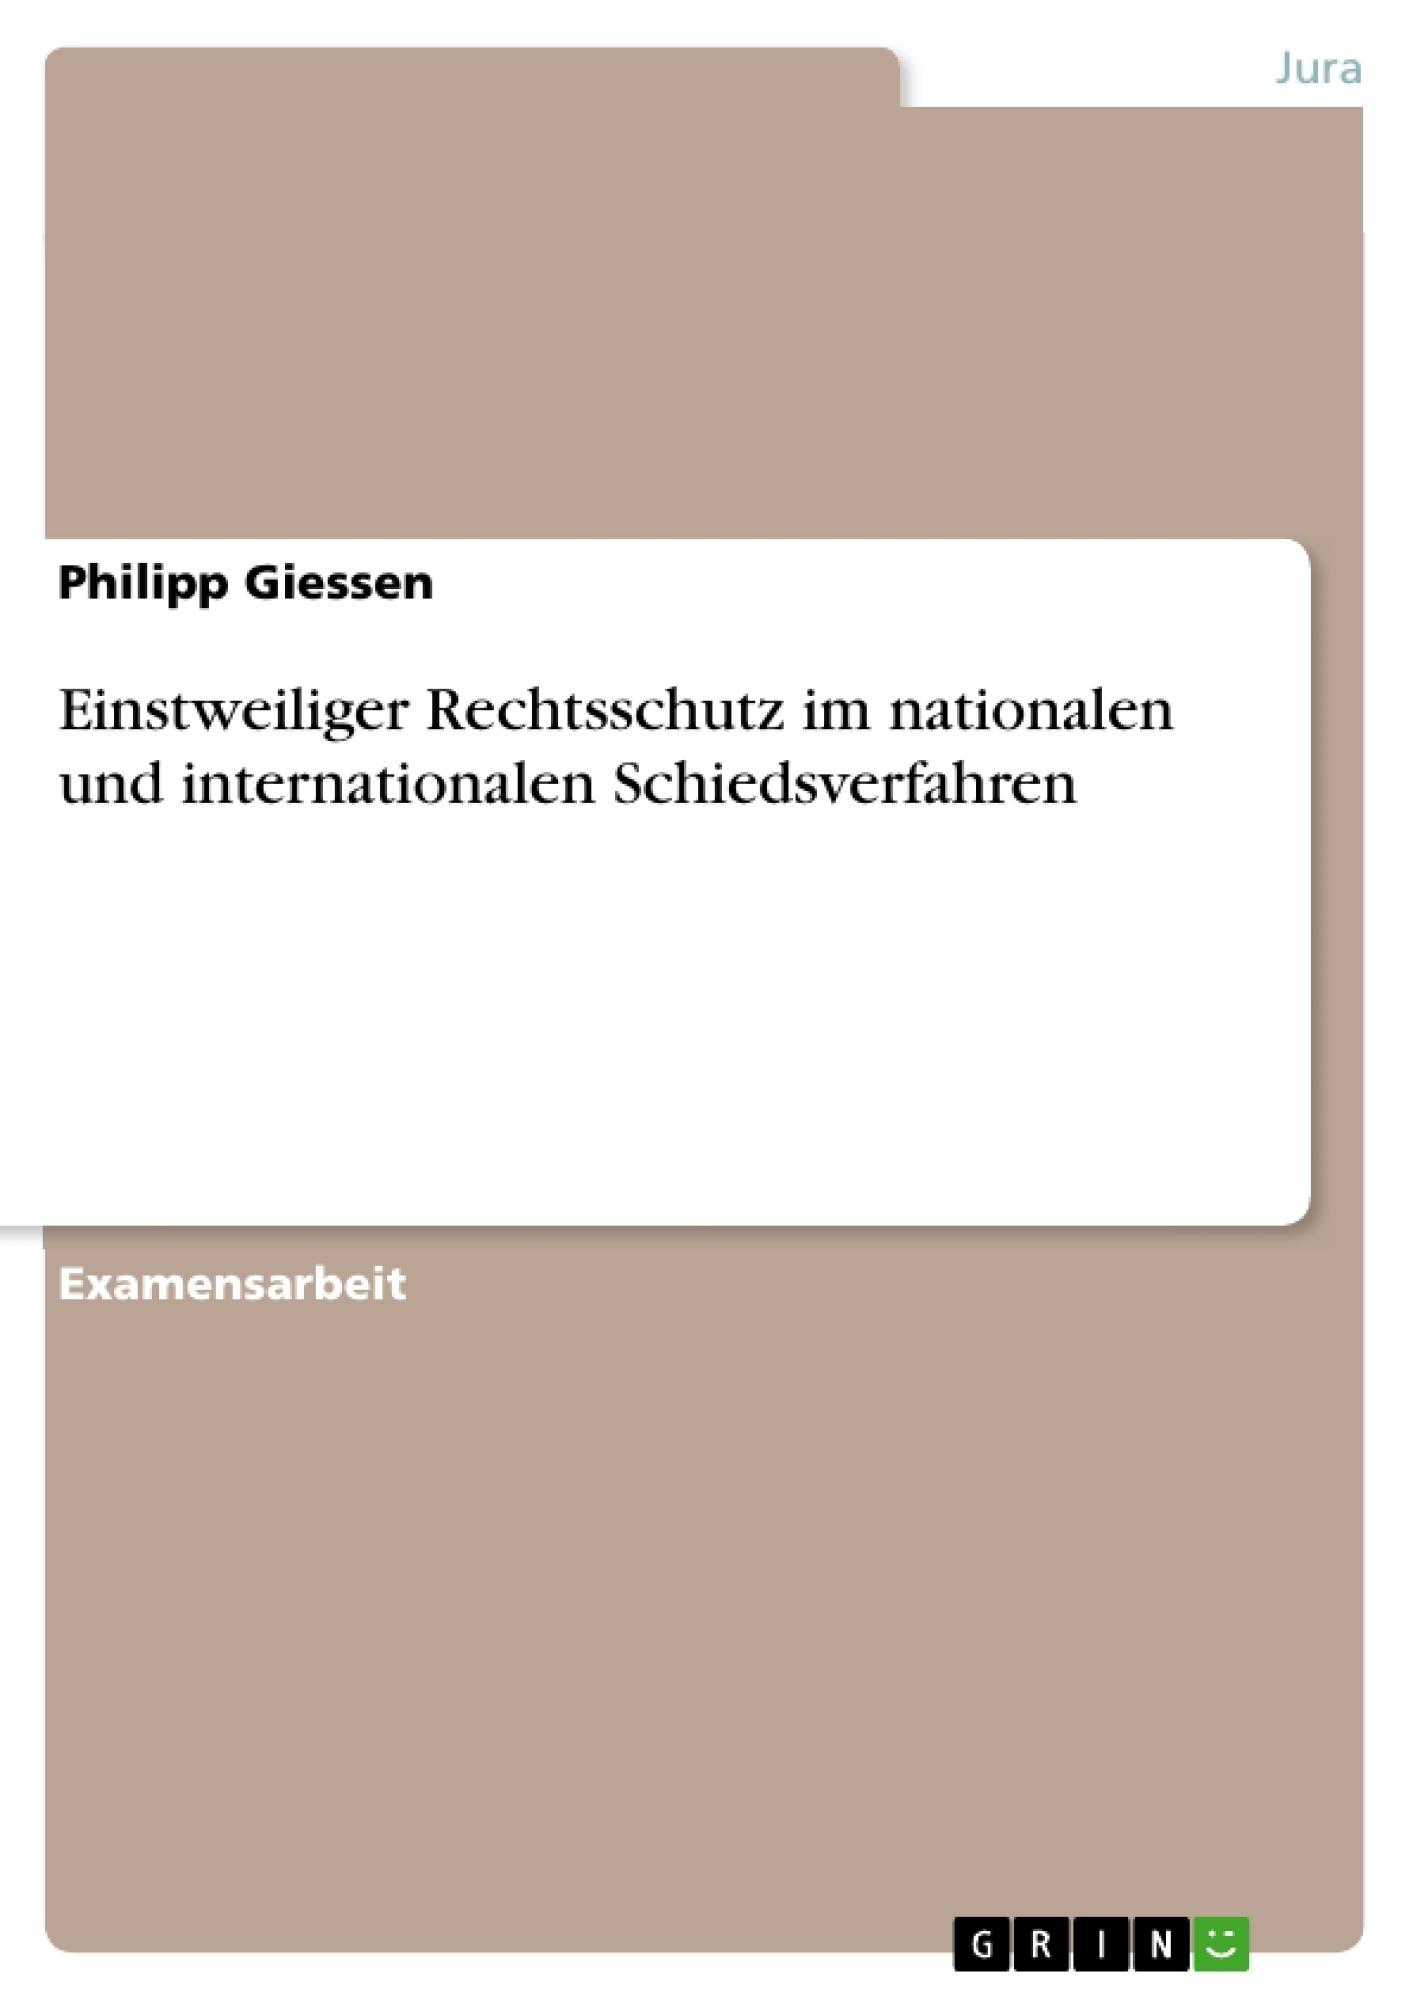 Titel: Einstweiliger Rechtsschutz im nationalen und internationalen Schiedsverfahren